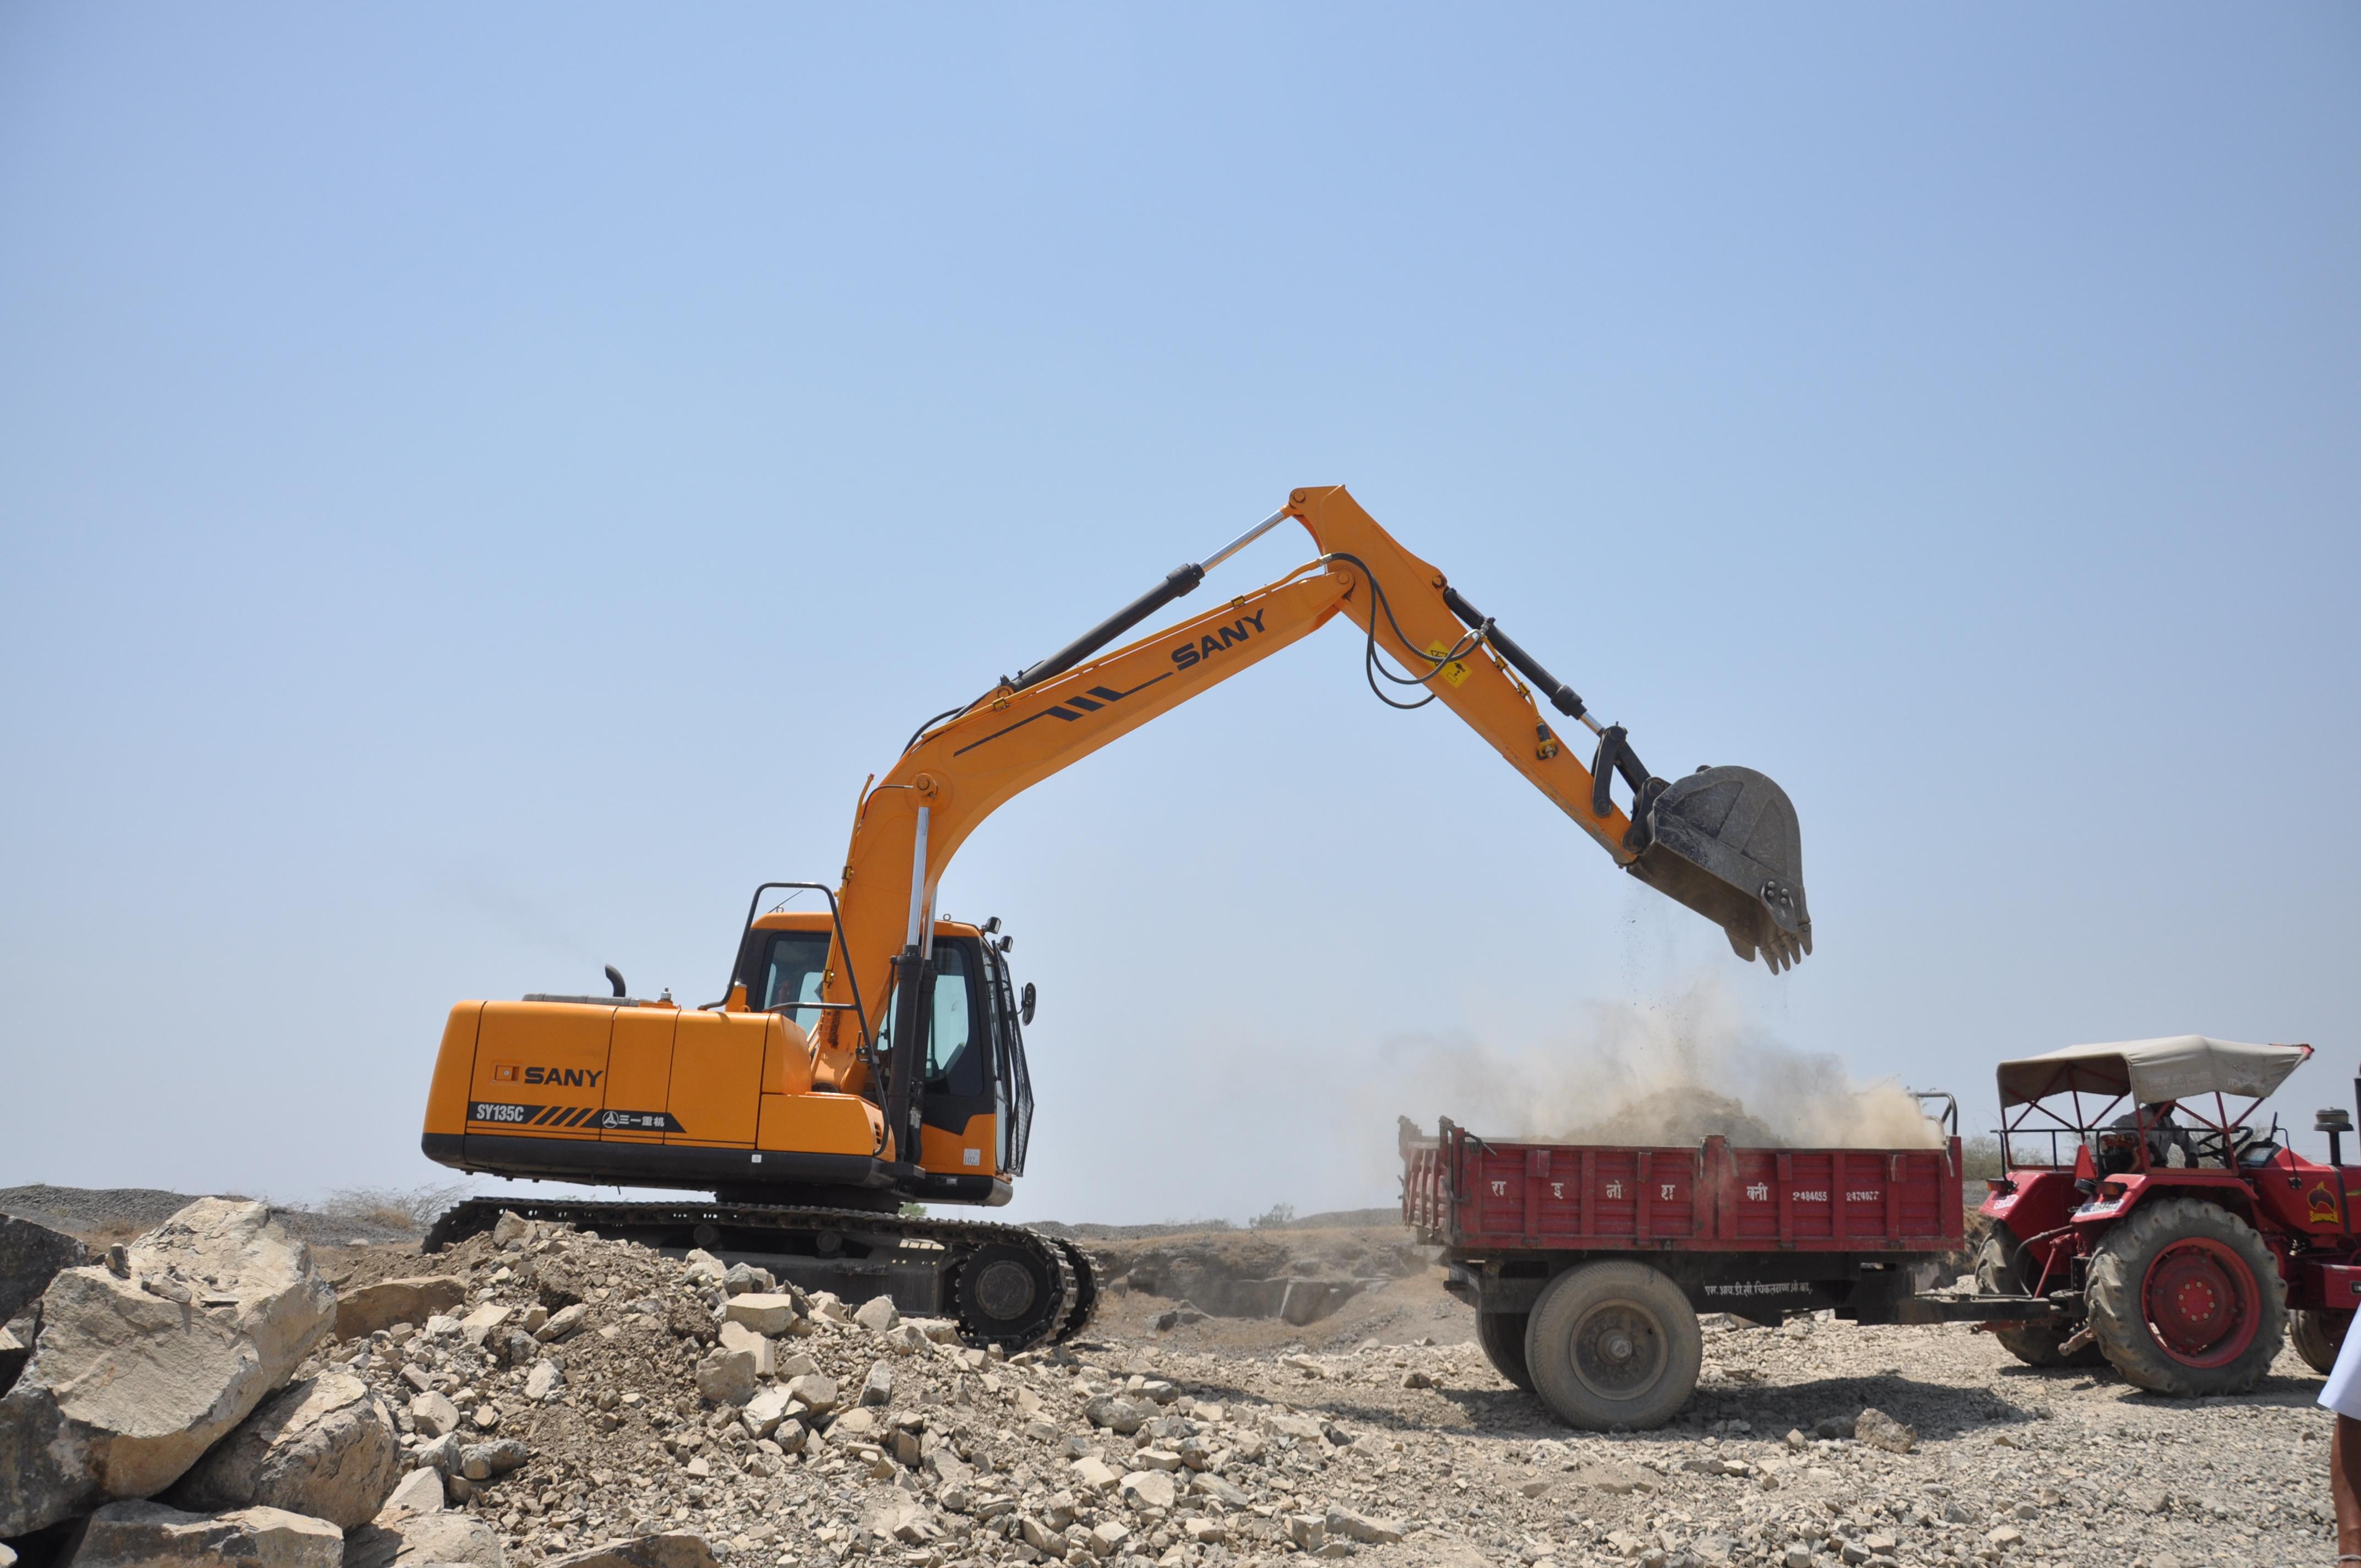 SY215印度施工现场